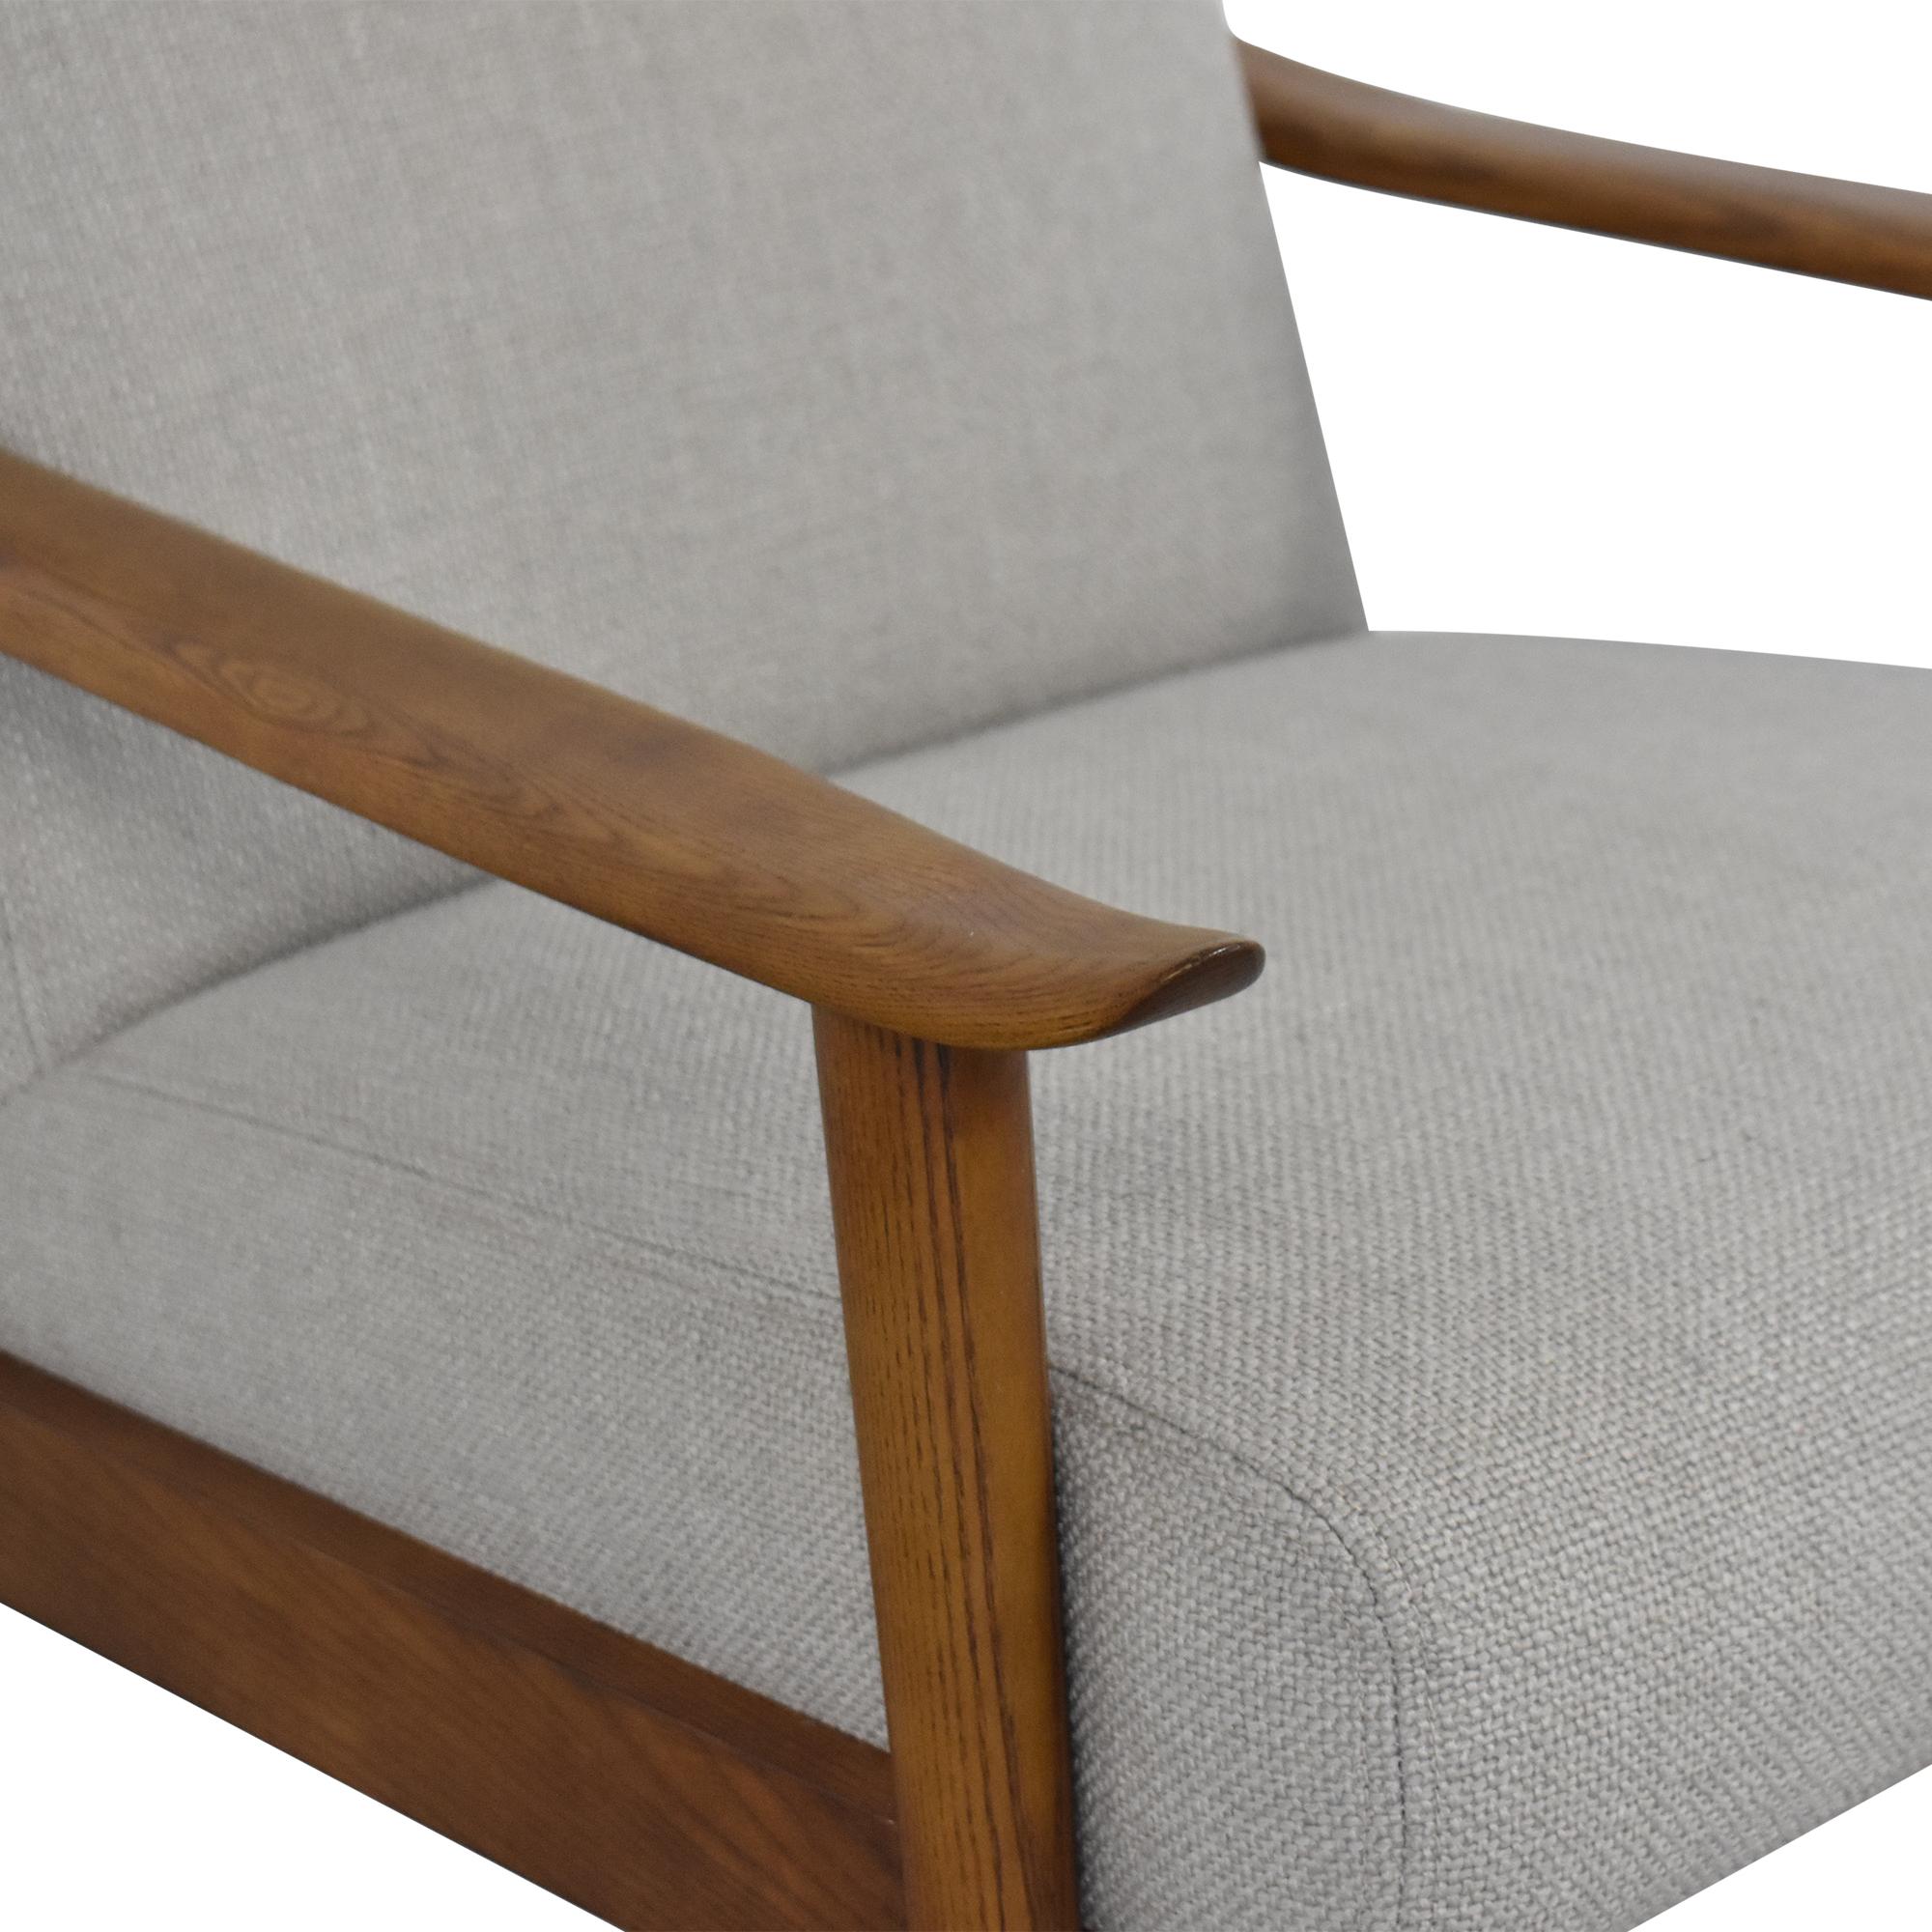 West Elm West Elm Mid-Century Show Wood Chair ct